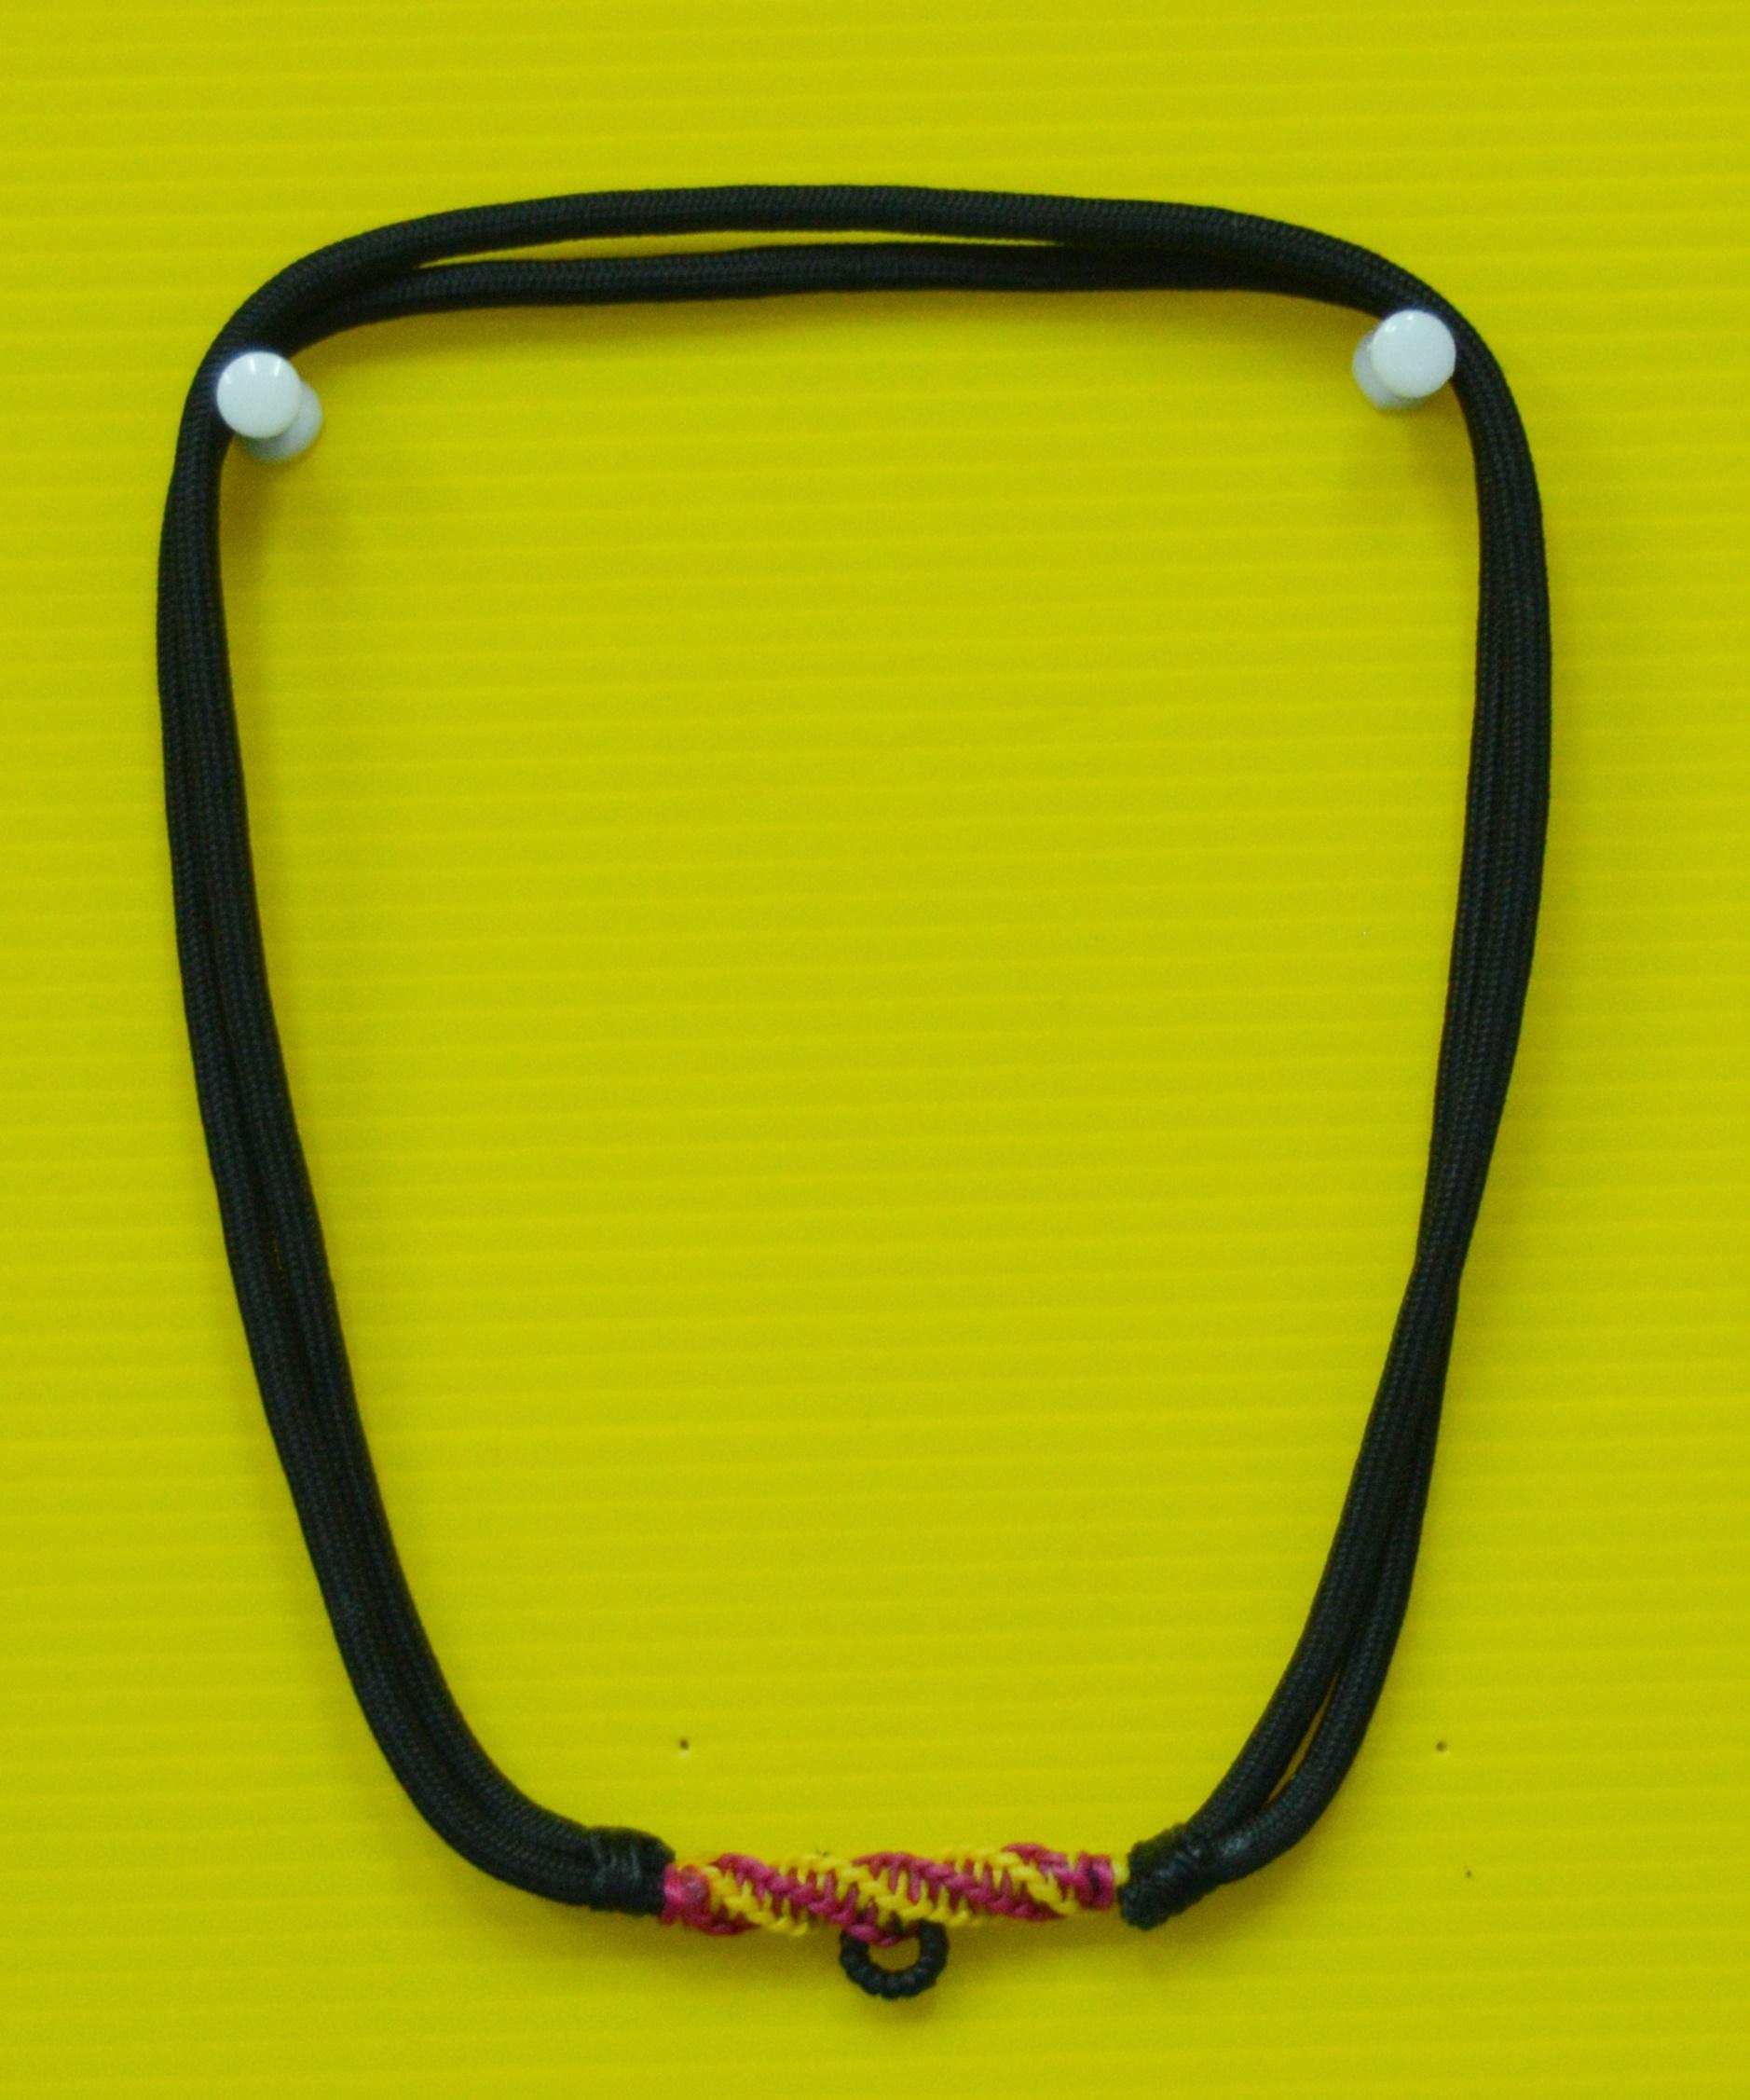 สร้อยเชือกไนล่อน ผสมเม็ดแร่ ห้อยพระ 1 องค์ ฟรีไซต์ Nylon rope neckless อุปกรณ์